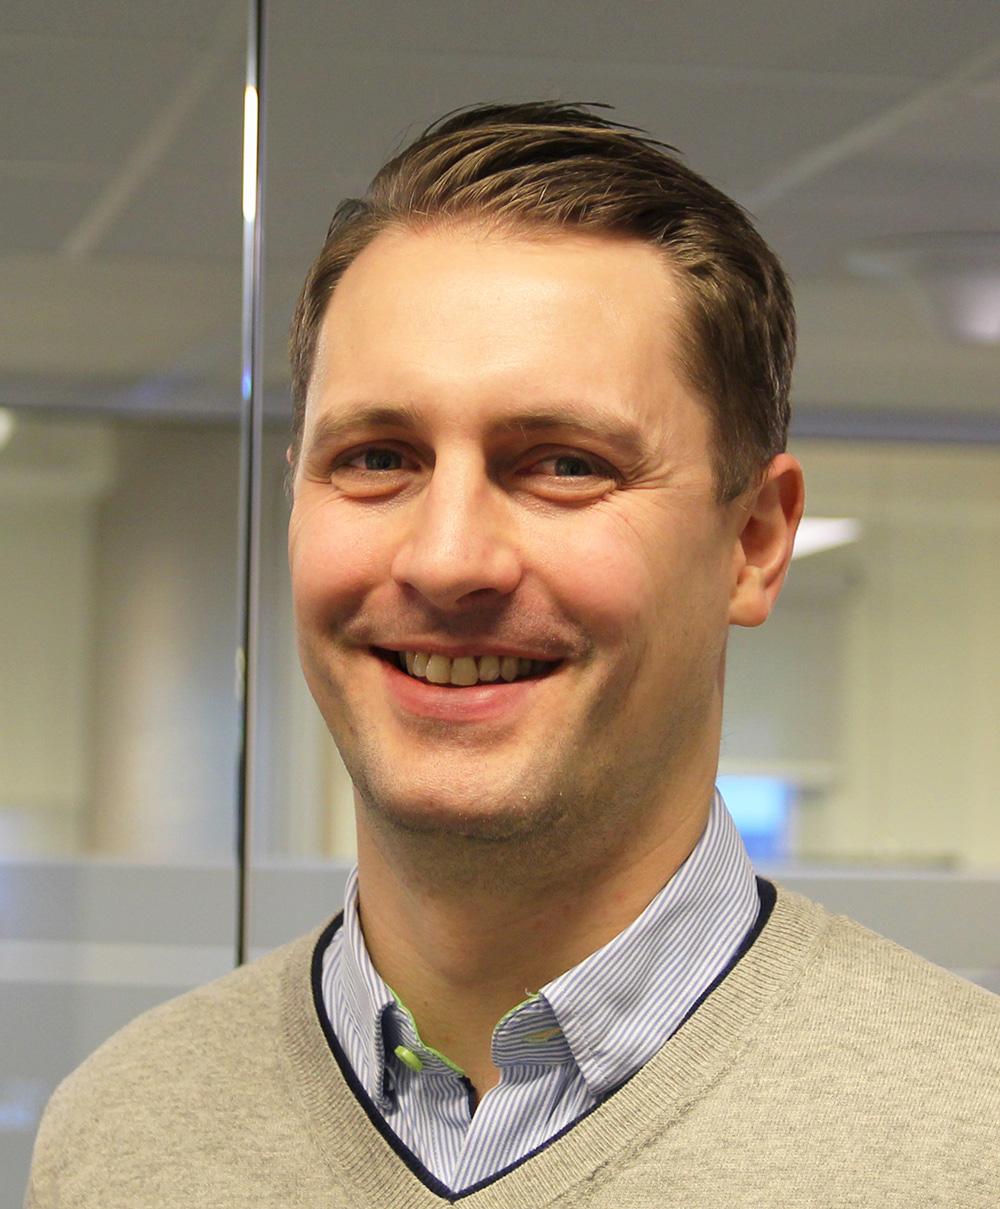 HAR TRO PÅ 2017: Direktør For ŠKODA I Norge, Thomas Meiner Har Tro På At 2017 Kan Bli Et Bra år For ŠKODA. Pressefoto.